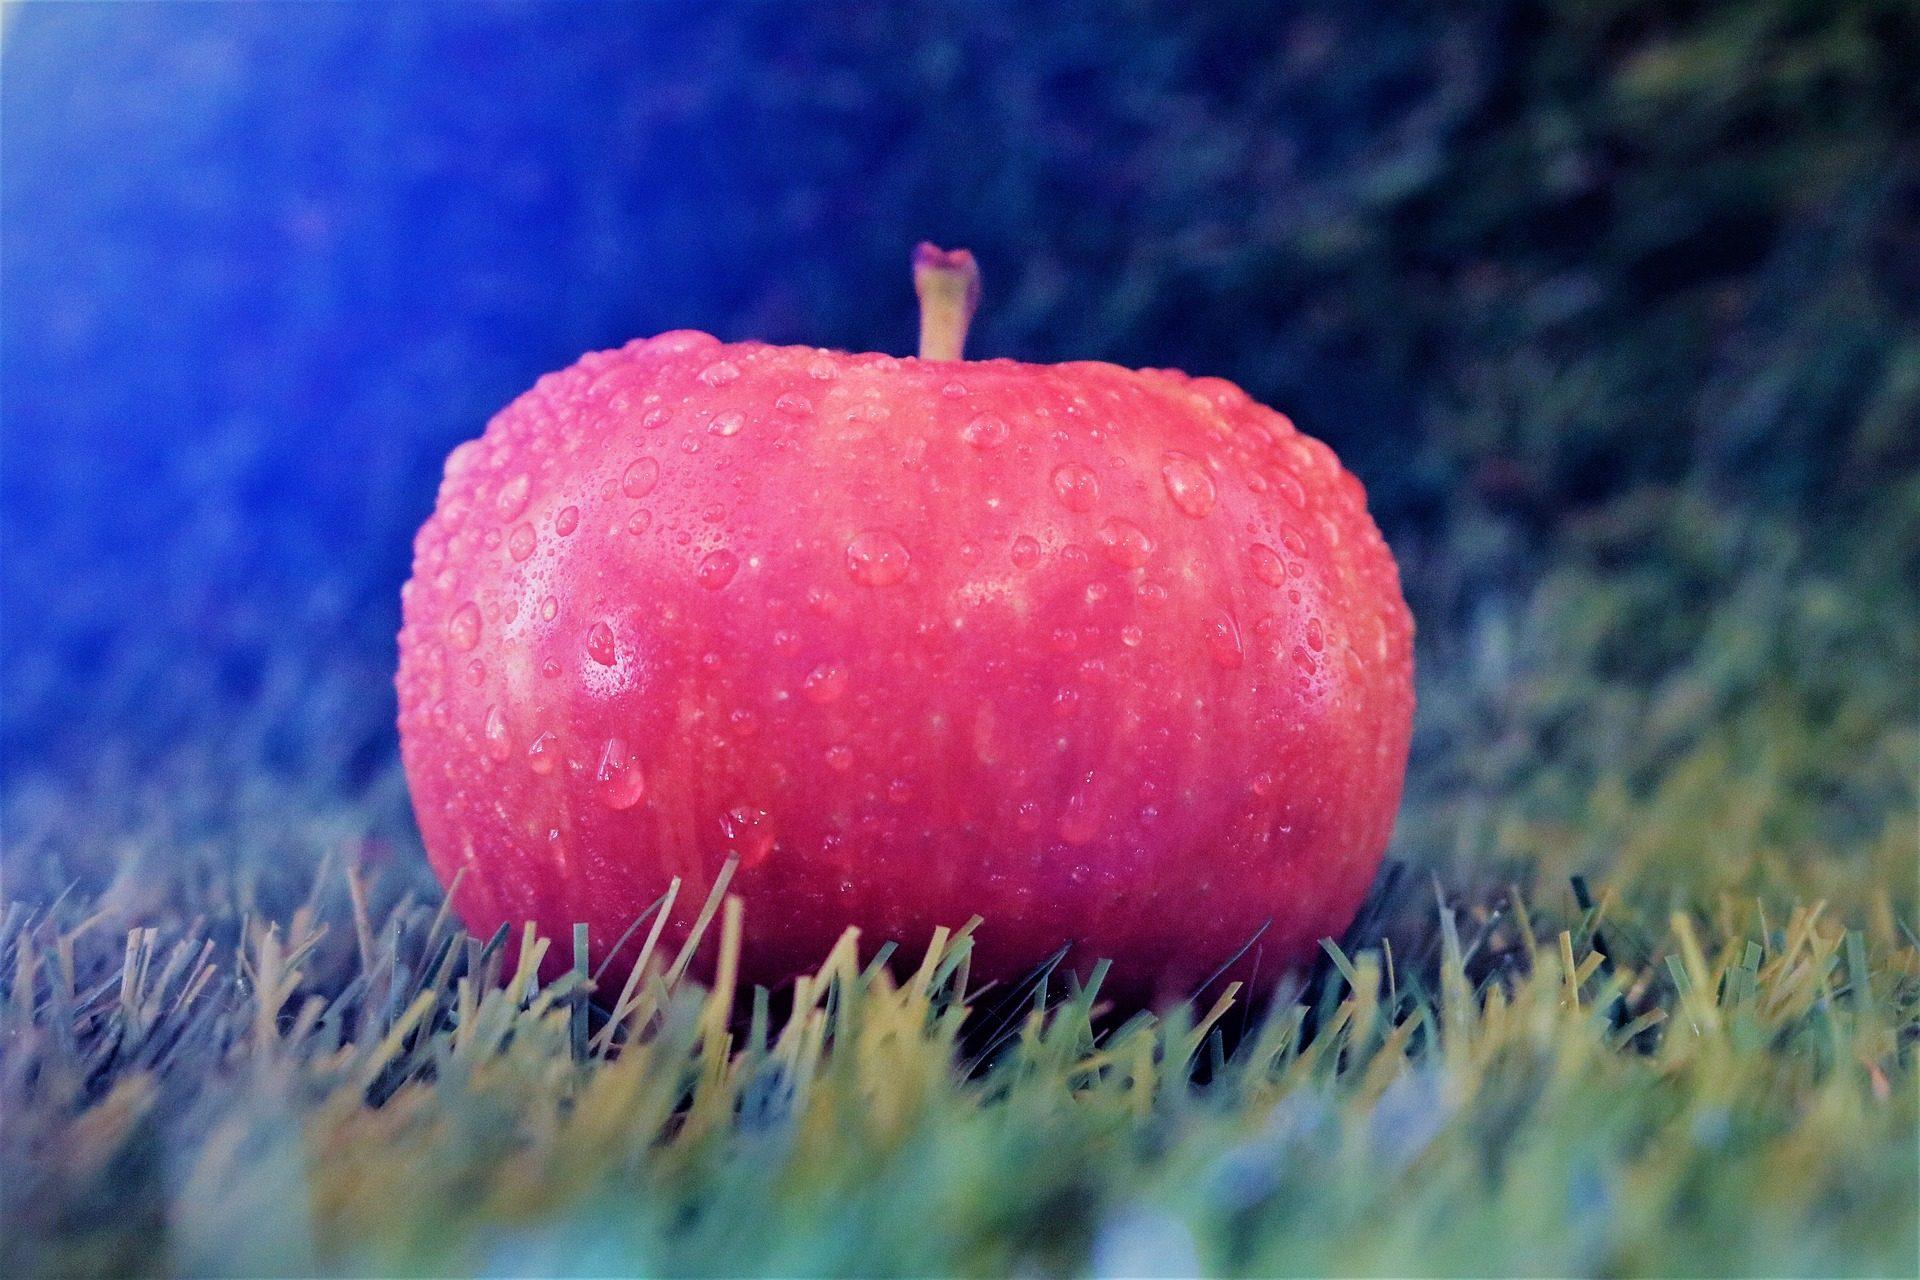 सेब, बूँदें, पानी, घास, लॉन, चमक - HD वॉलपेपर - प्रोफेसर-falken.com